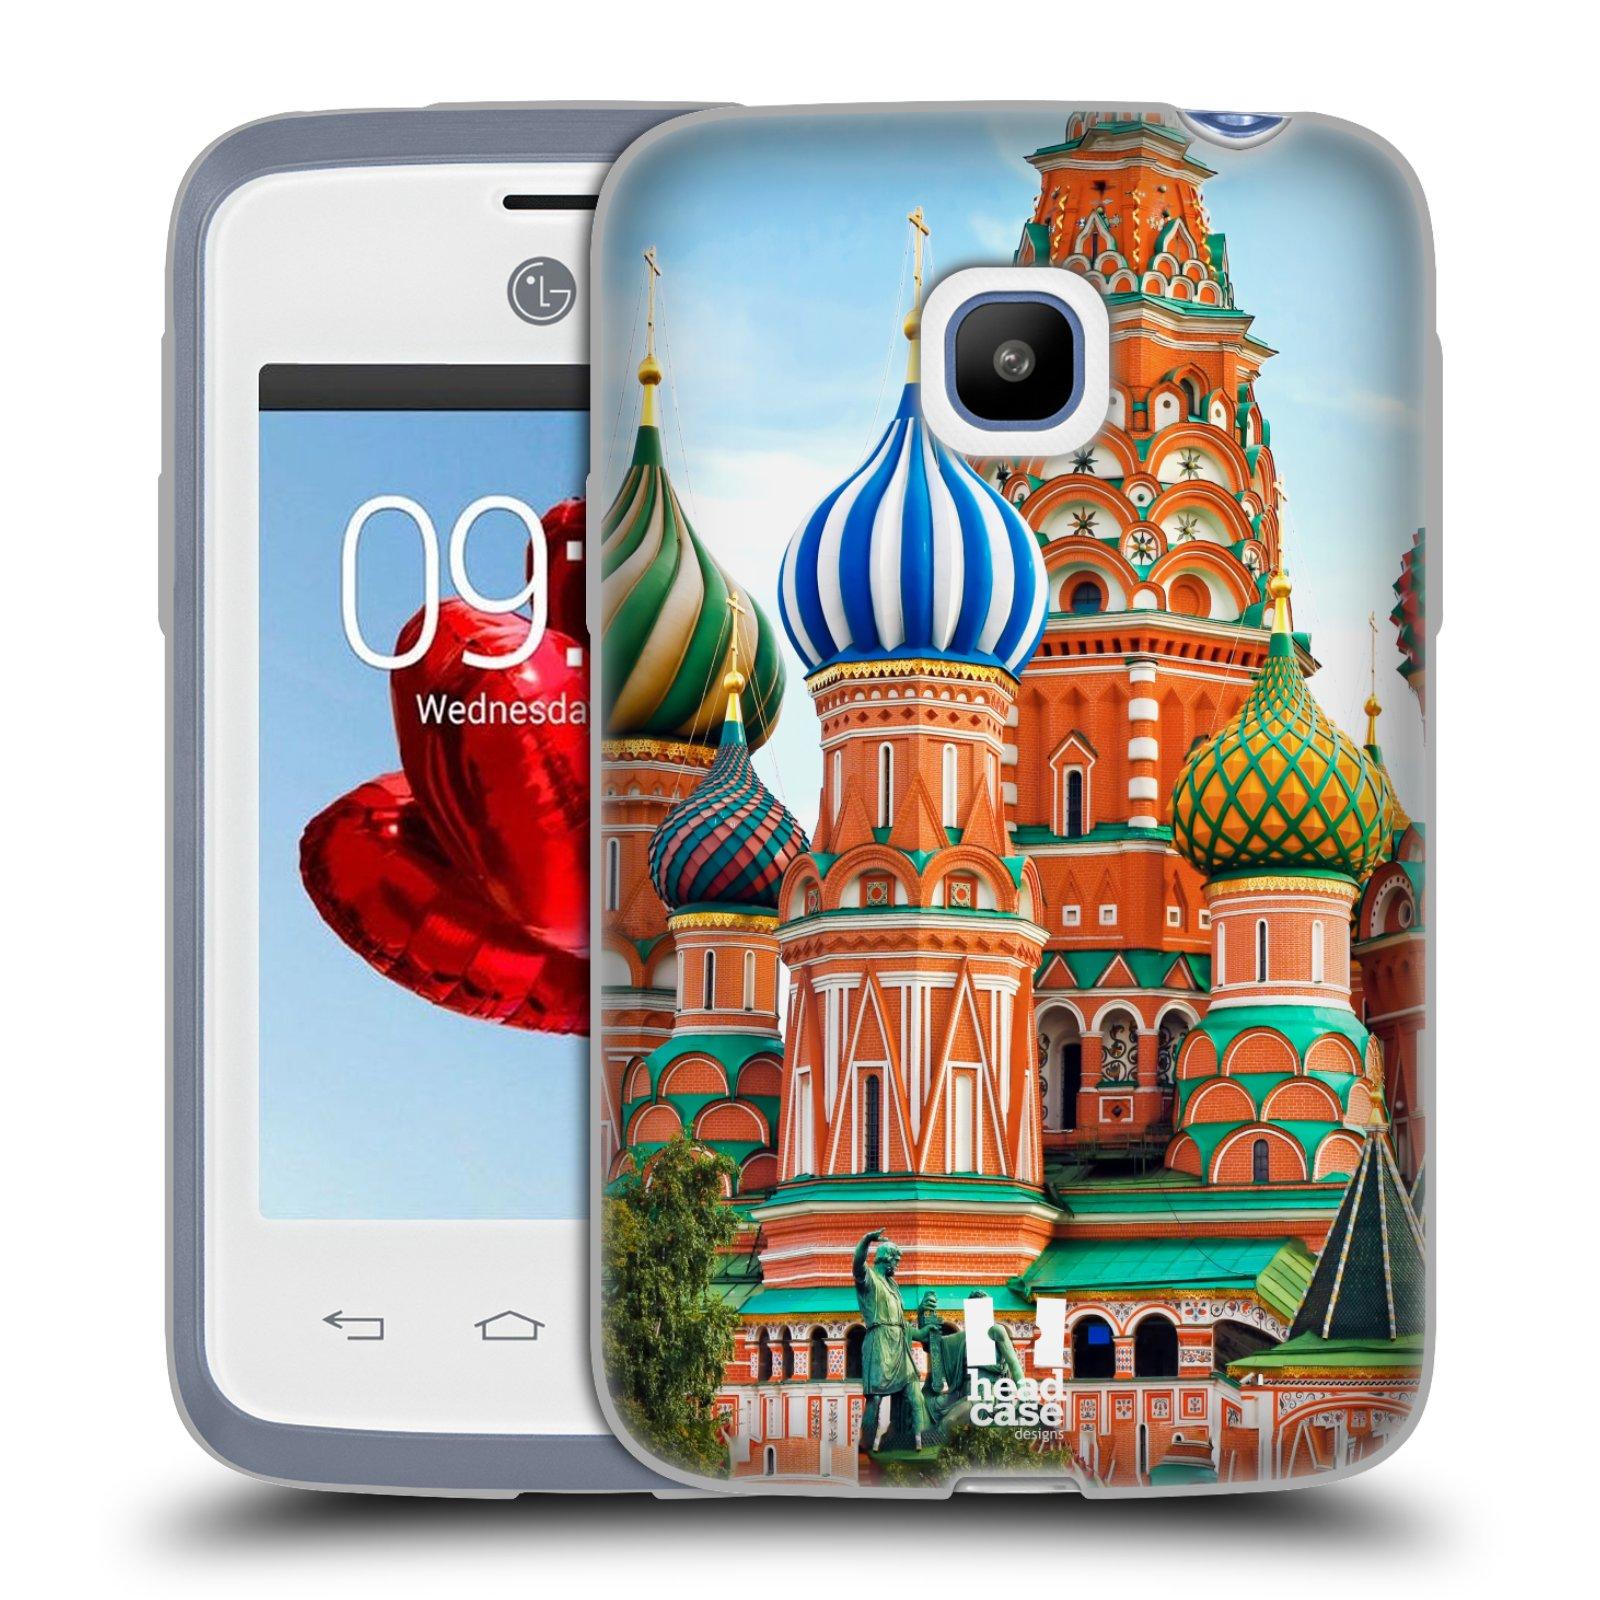 HEAD CASE silikonový obal na mobil LG L20 vzor Města foto náměstí RUSKO,MOSKVA, RUDÉ NÁMĚSTÍ